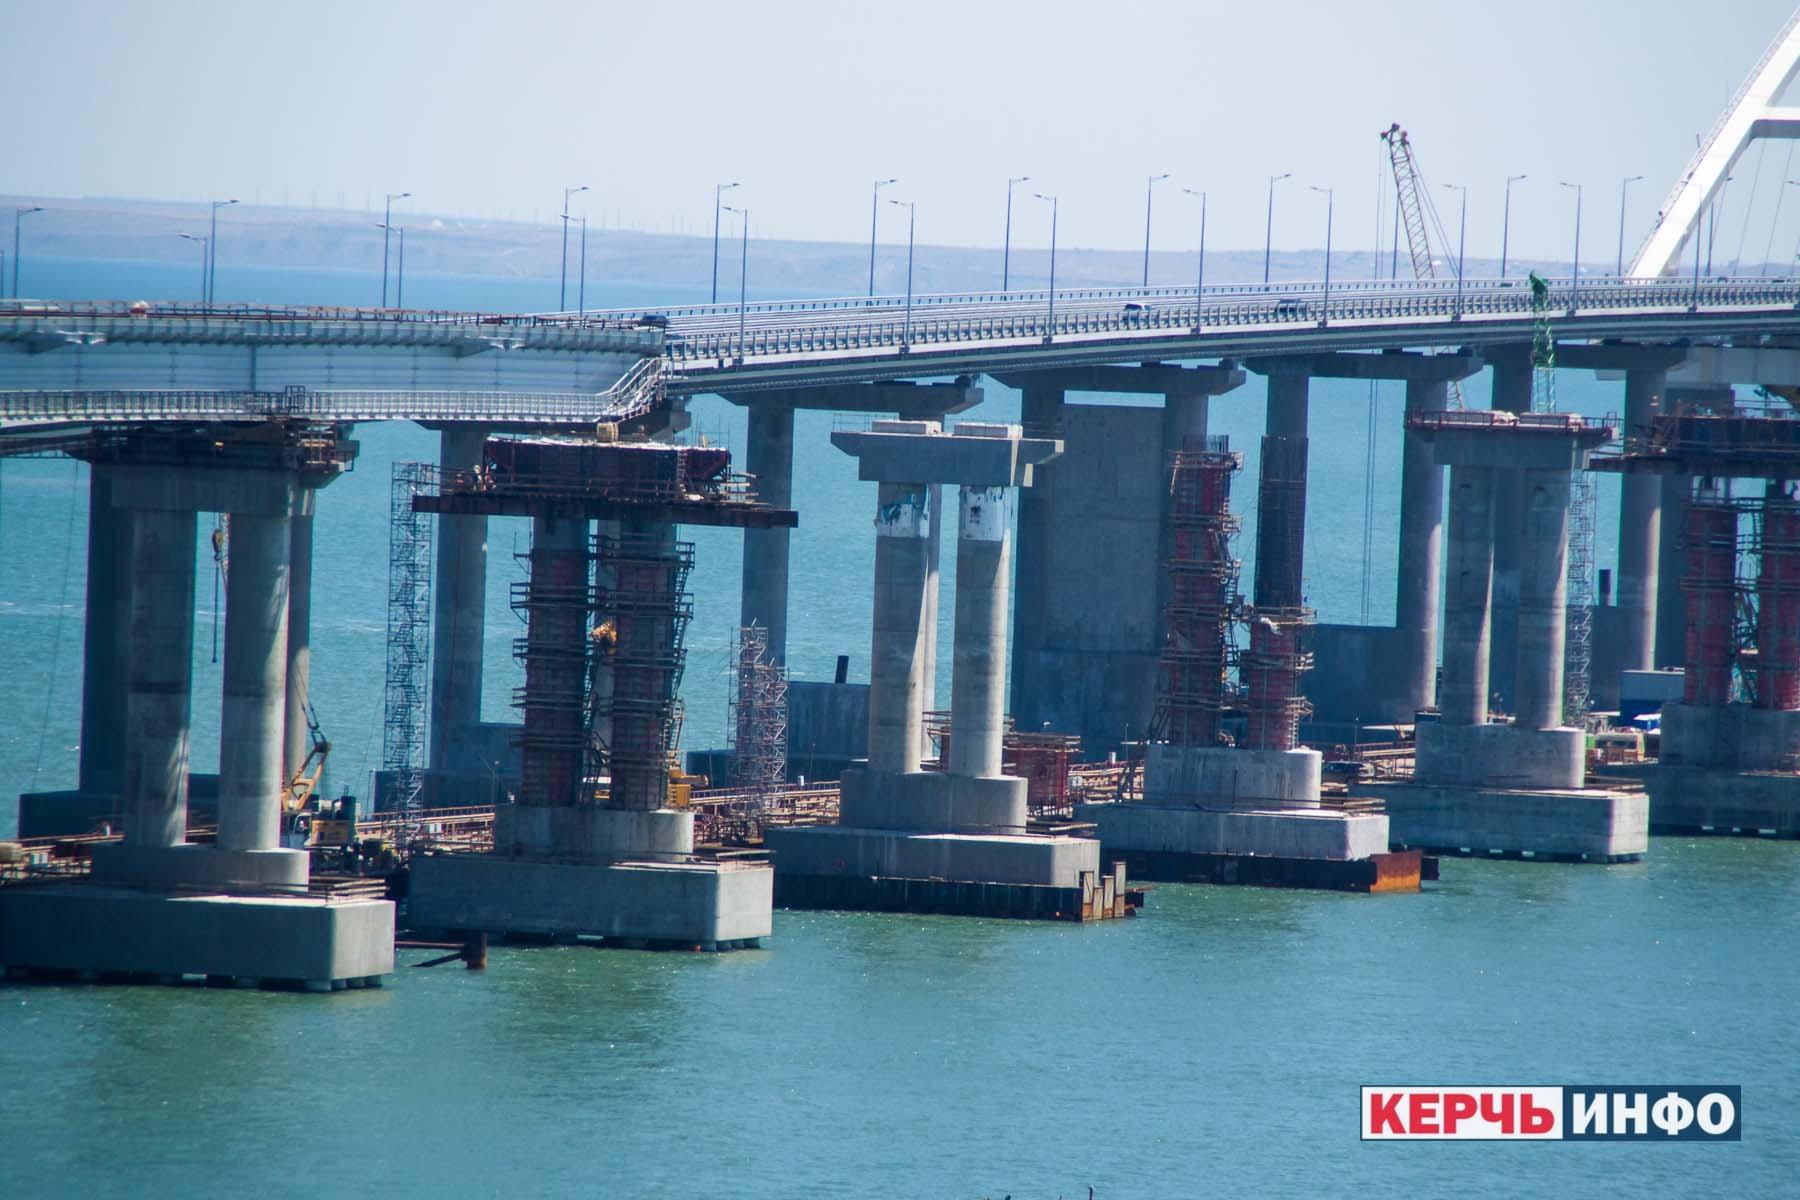 Как продвигается стройка железнодорожной части Крымского моста – видео